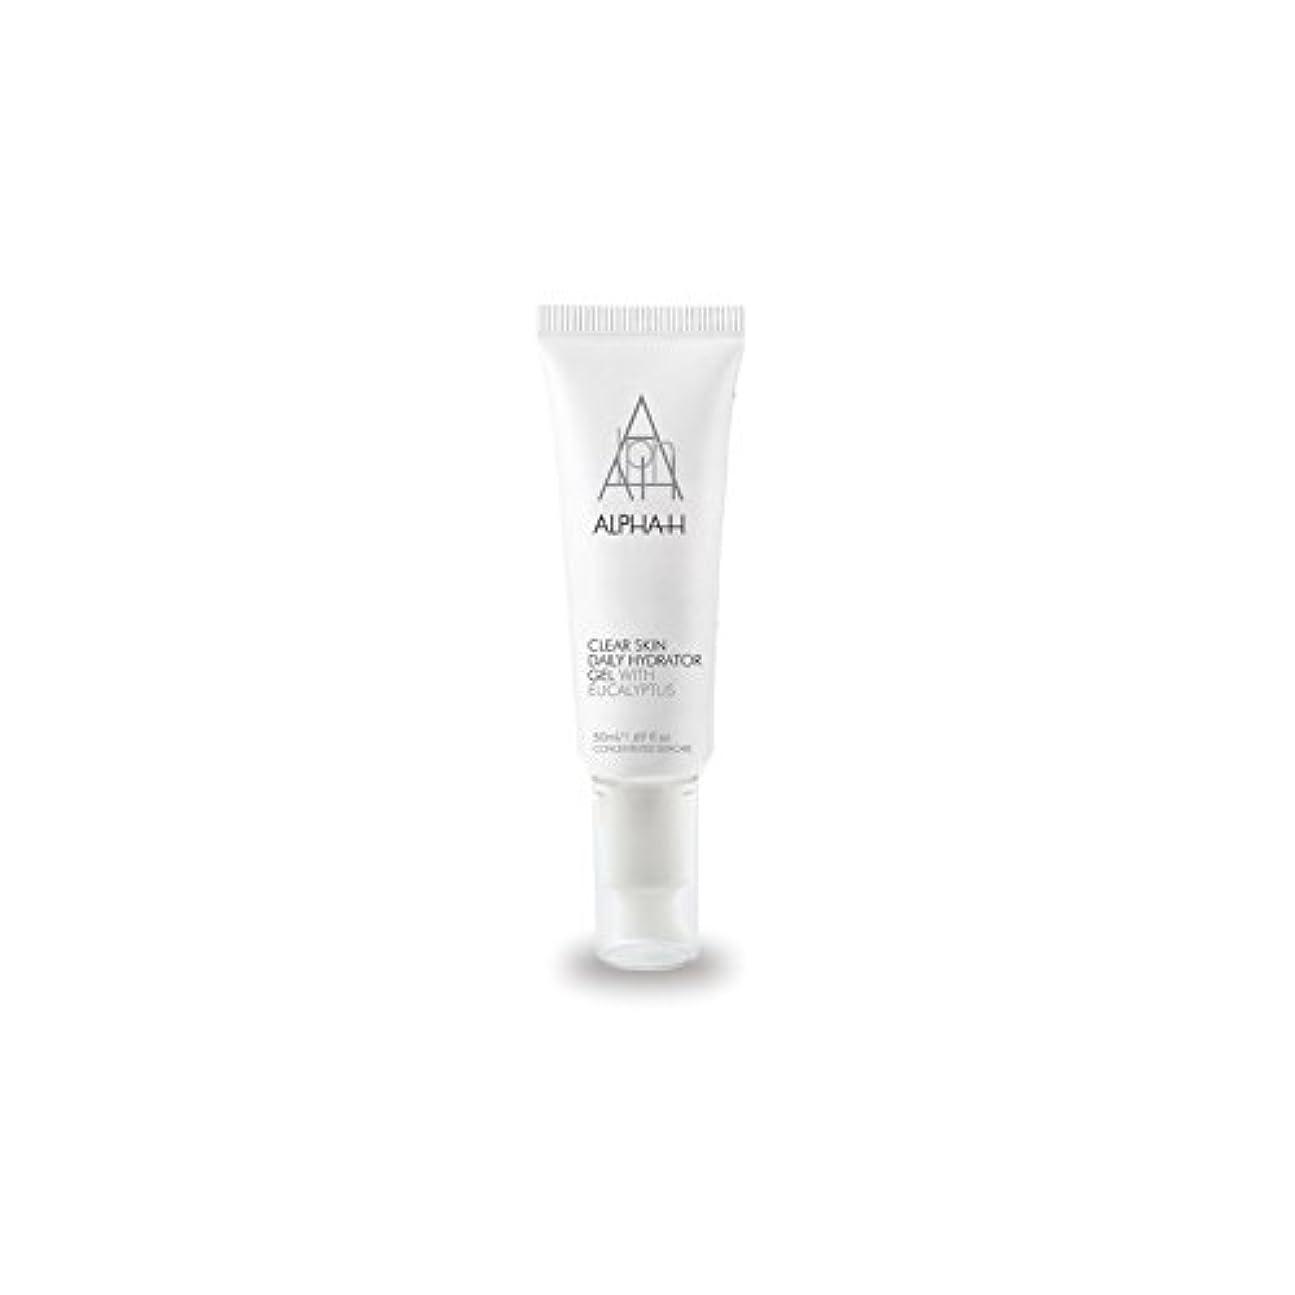 チャーター座るなのでアルファクリア皮膚毎日ハイドレーターゲル(50)中 x4 - Alpha-H Clear Skin Daily Hydrator Gel (50ml) (Pack of 4) [並行輸入品]